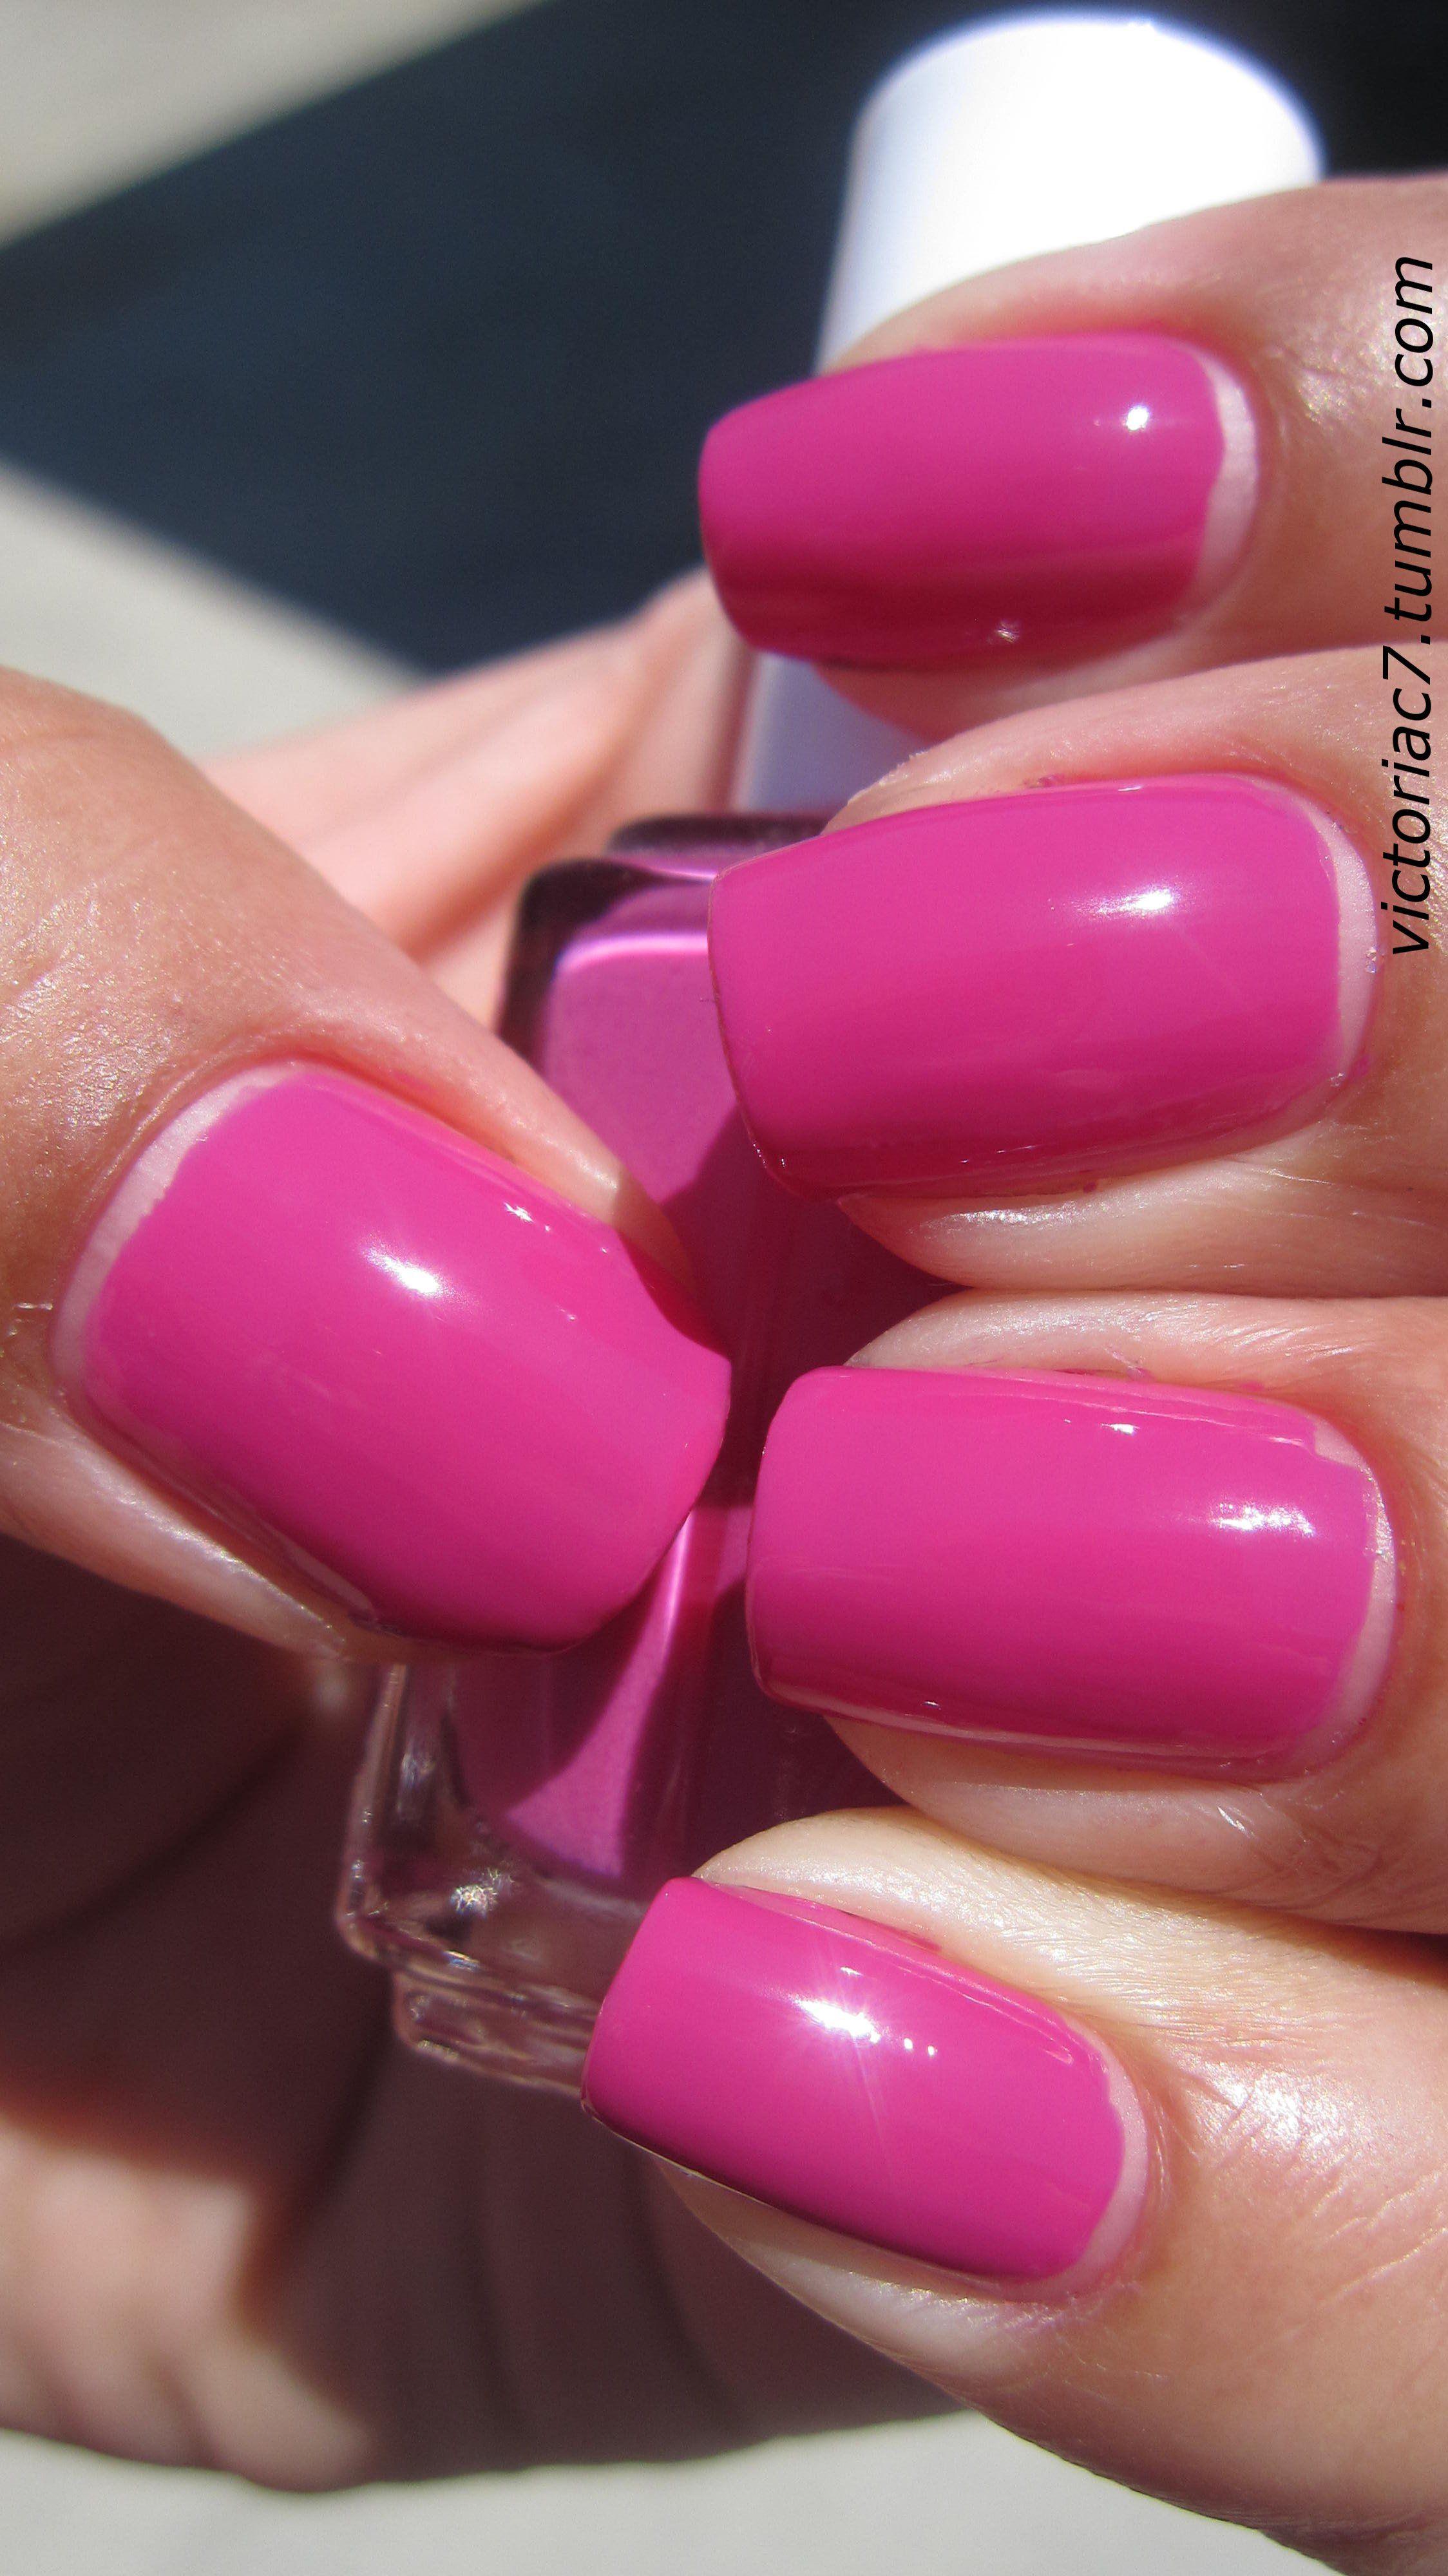 Essie~No Boundaries   Pretty Nails & Toes!   Pinterest   Essie ...